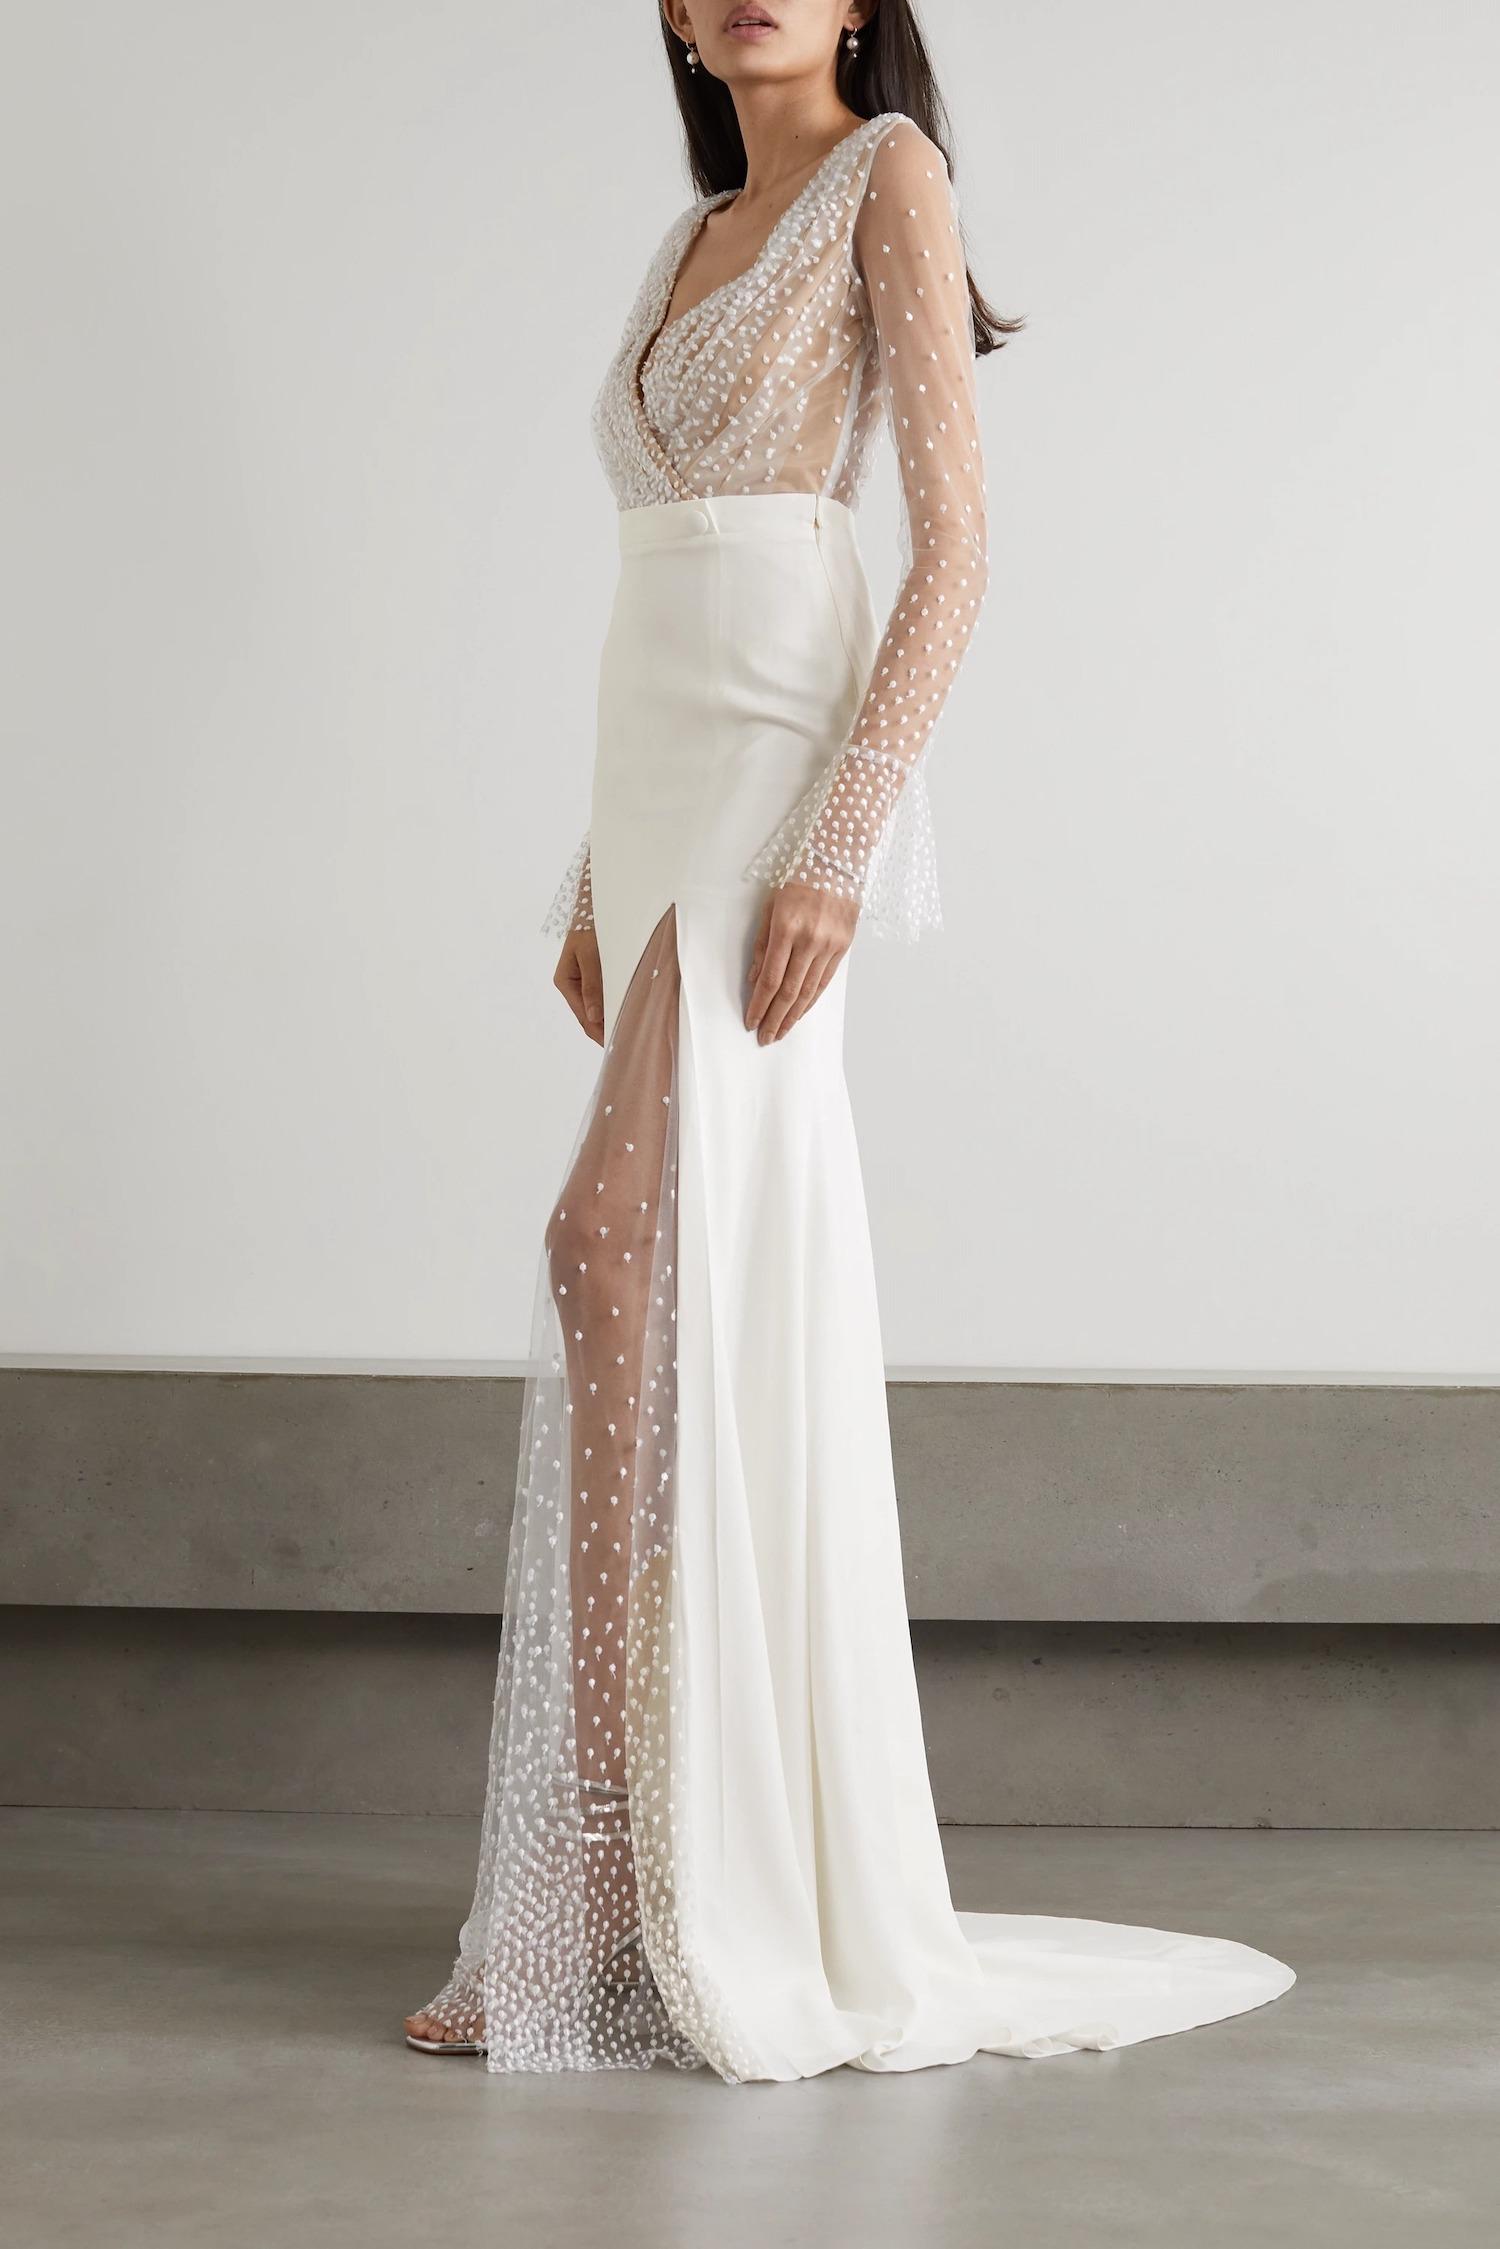 whimsical sheer tulle and crepe designer wedding dresses online by Rime Arodaky on Net-a-Porter